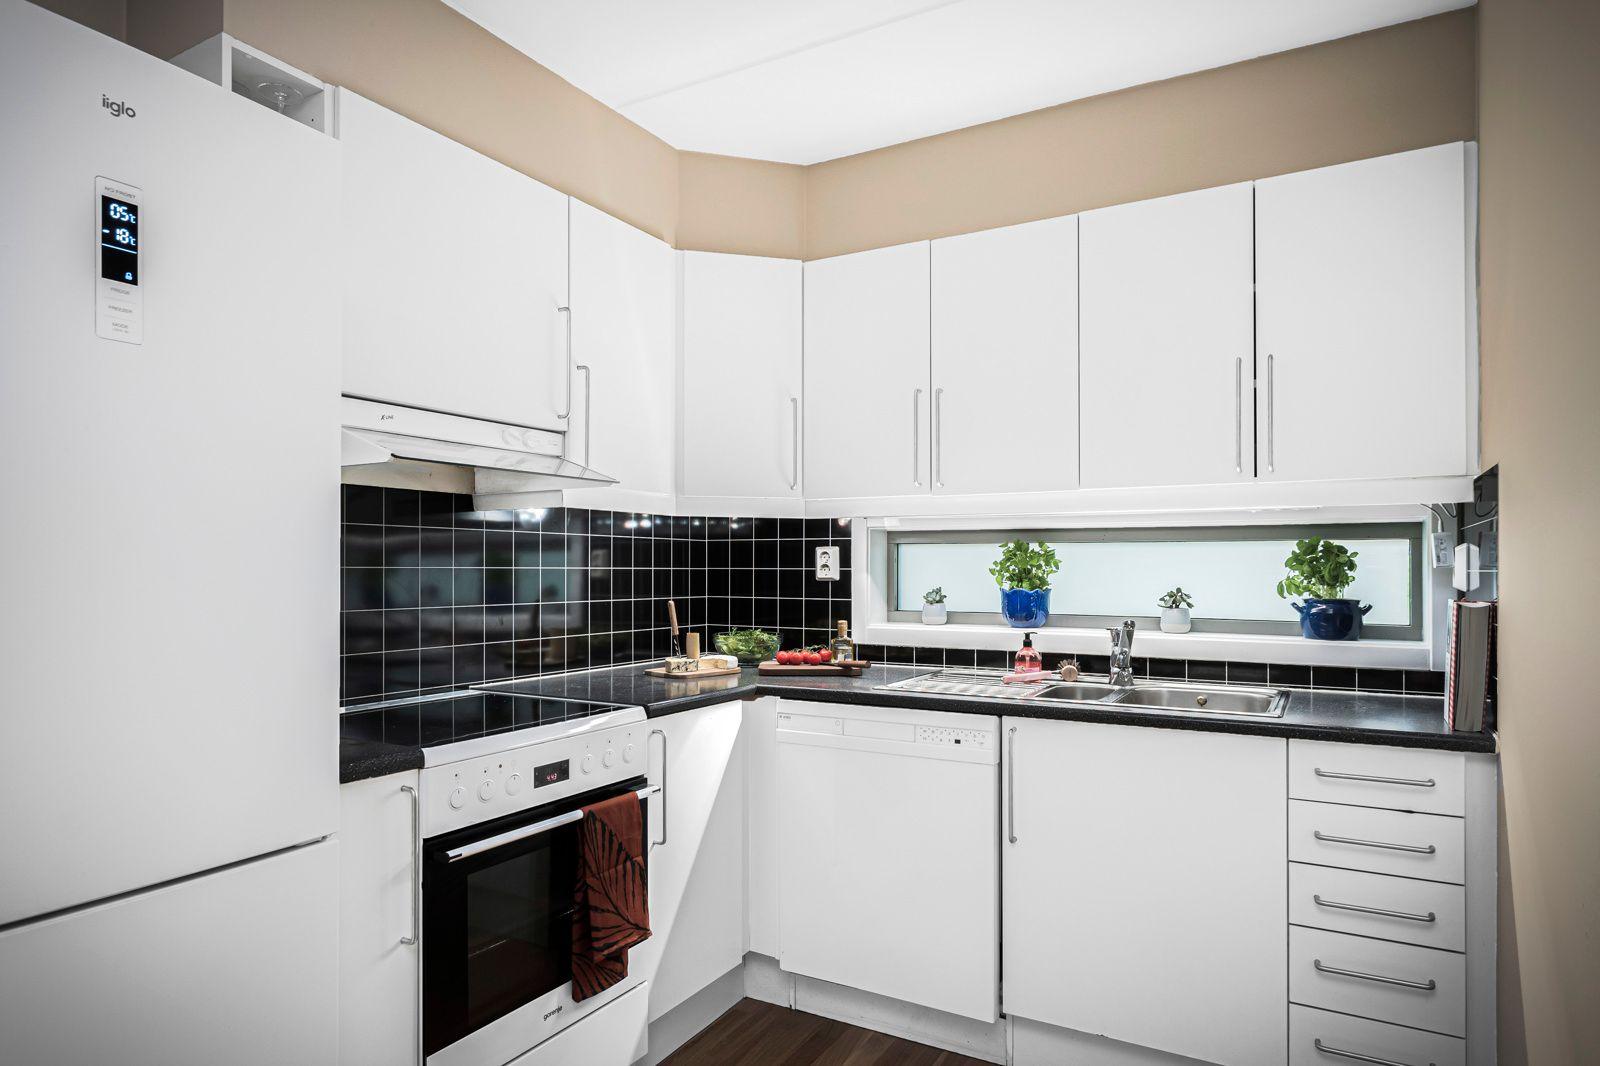 Alnagata 20B Det er godt med skap- og benkeplass på kjøkkenet for oppbevaring og matlaging.